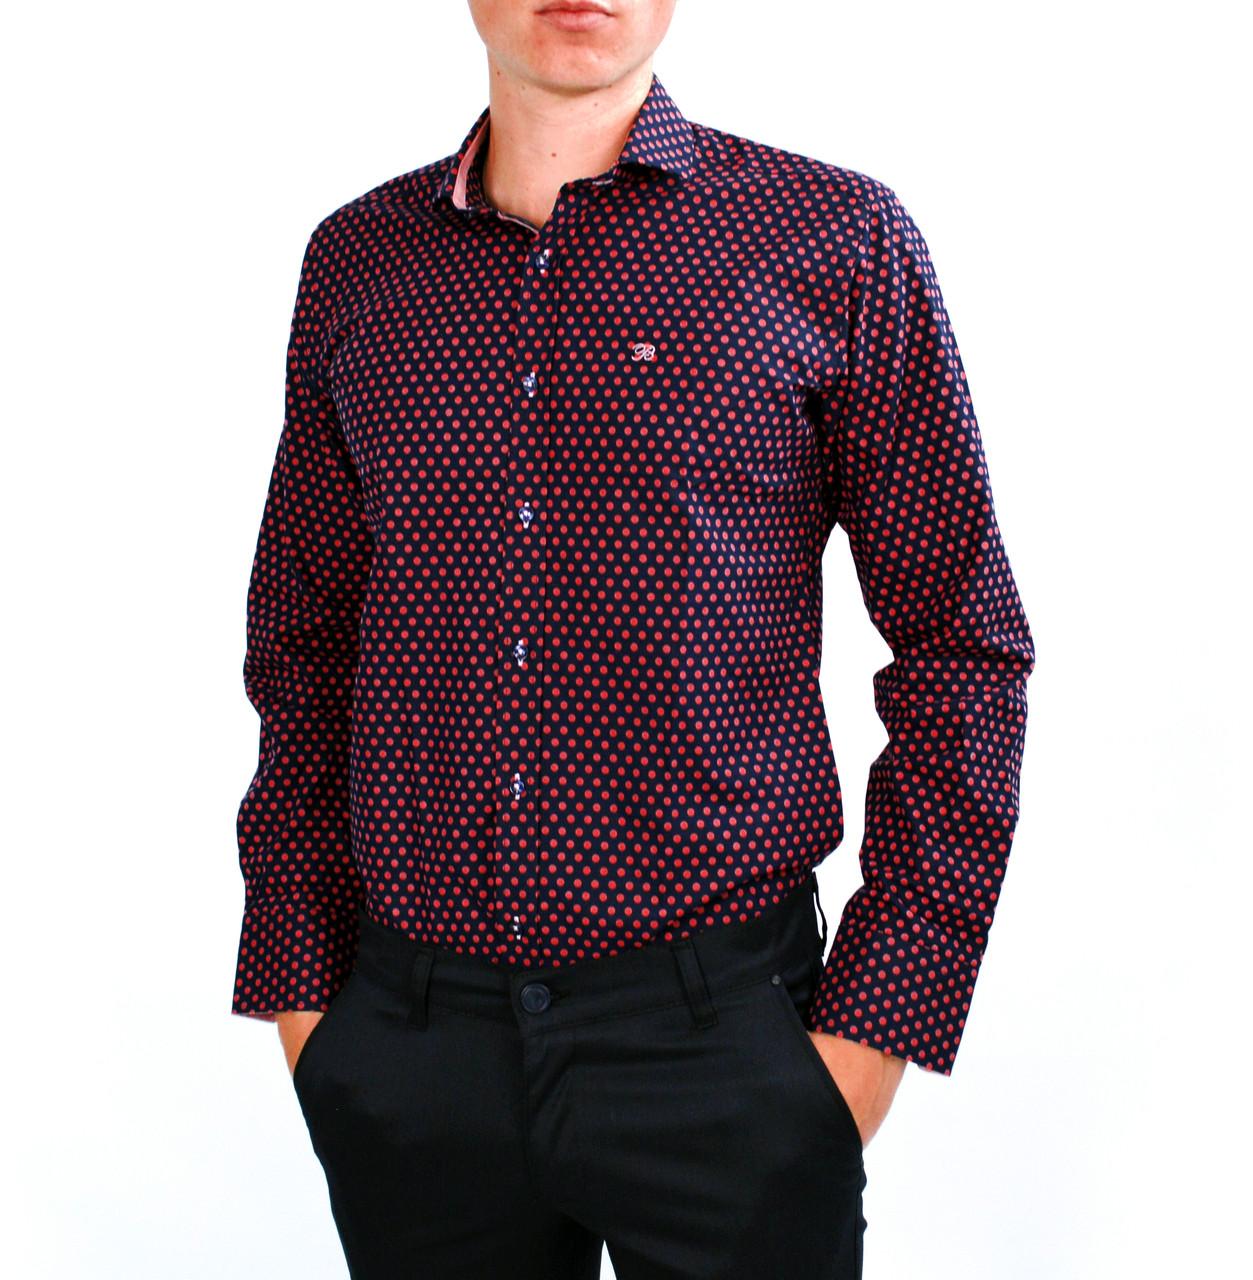 903e3964eb5c2fb Темно-синяя в красный горошек мужская рубашка классическая B.Z.N. -